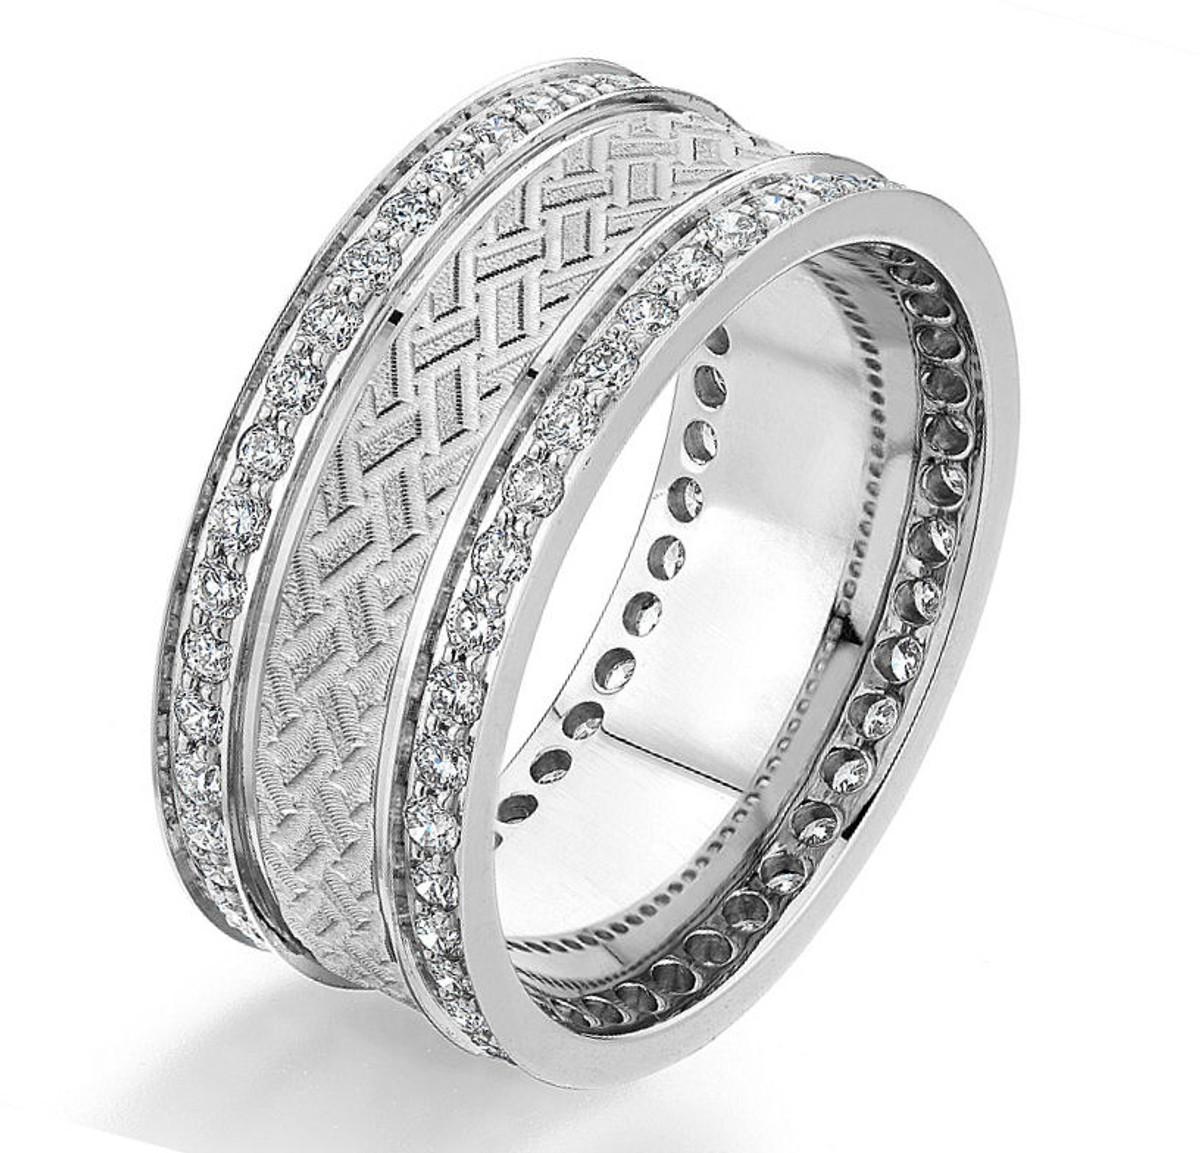 0.84 Ct Tw Diamond Wedding Band